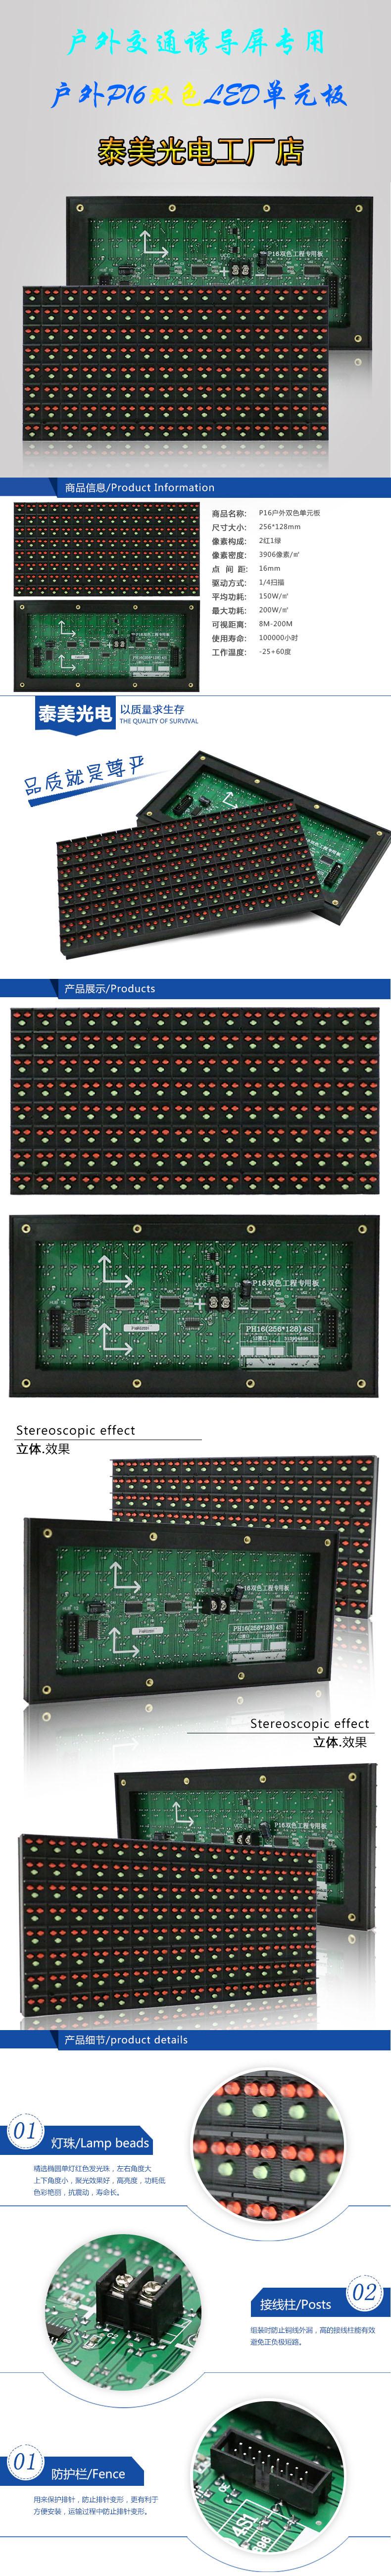 厂家供应P16双色交通诱导屏 高亮度 智能控制系统示例图3